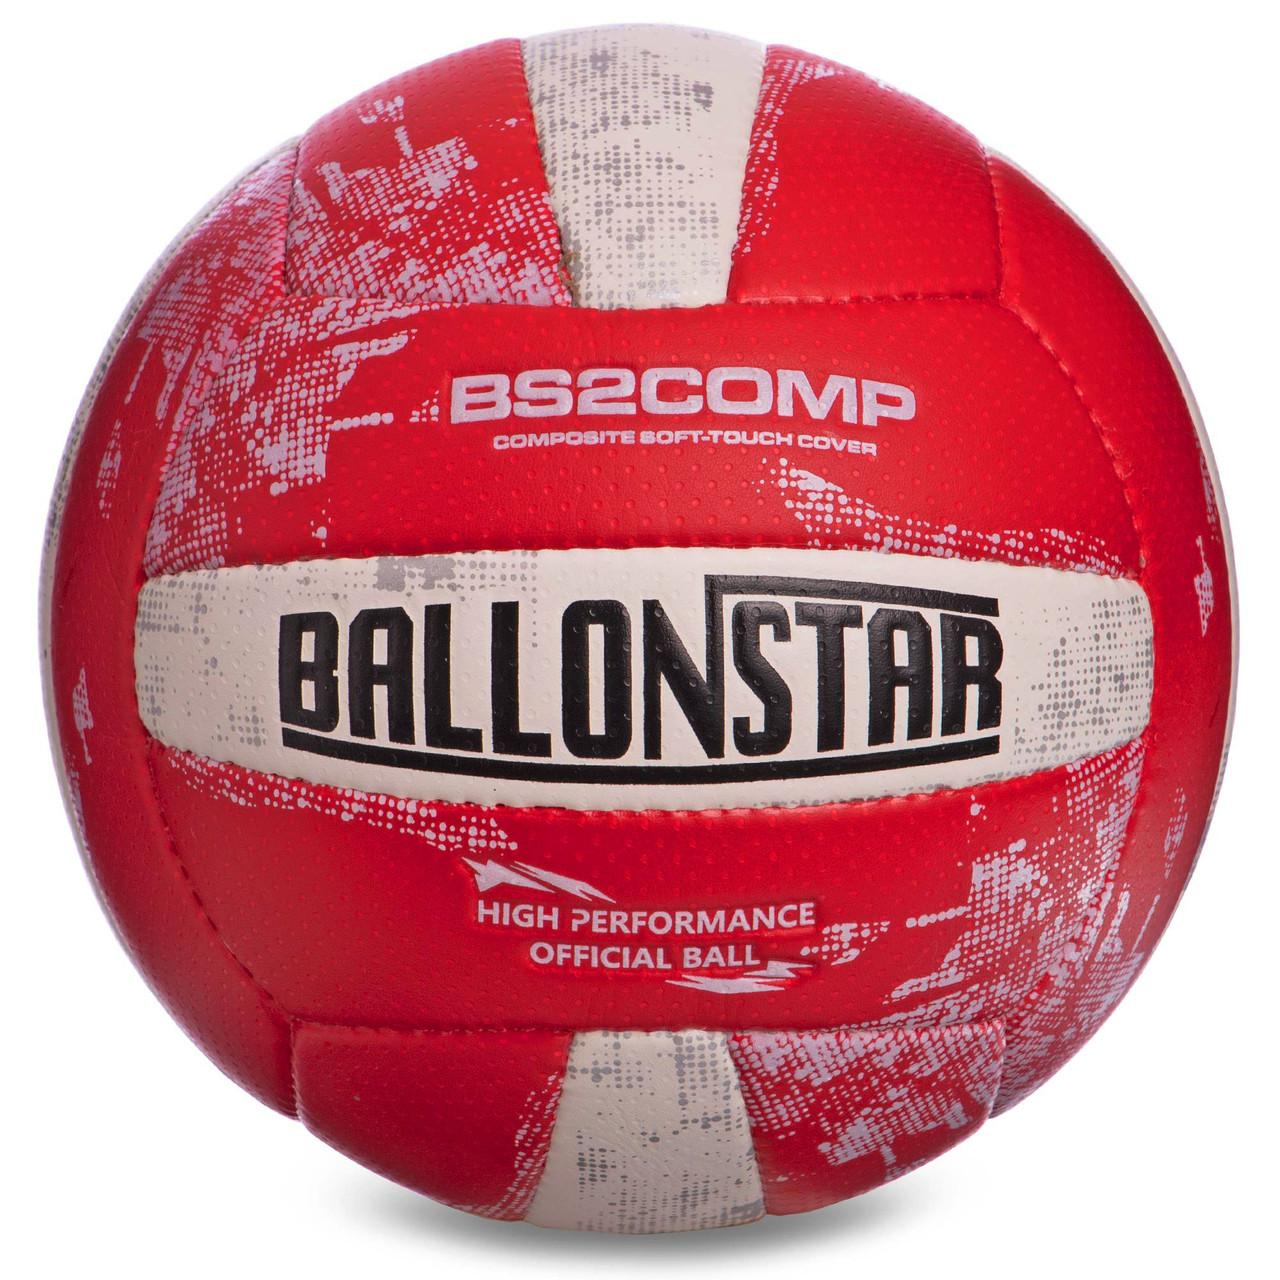 Мяч волейбольный PU BALLONSTAR LG2353 (PU, №5, 3 слоя, сшит вручную)